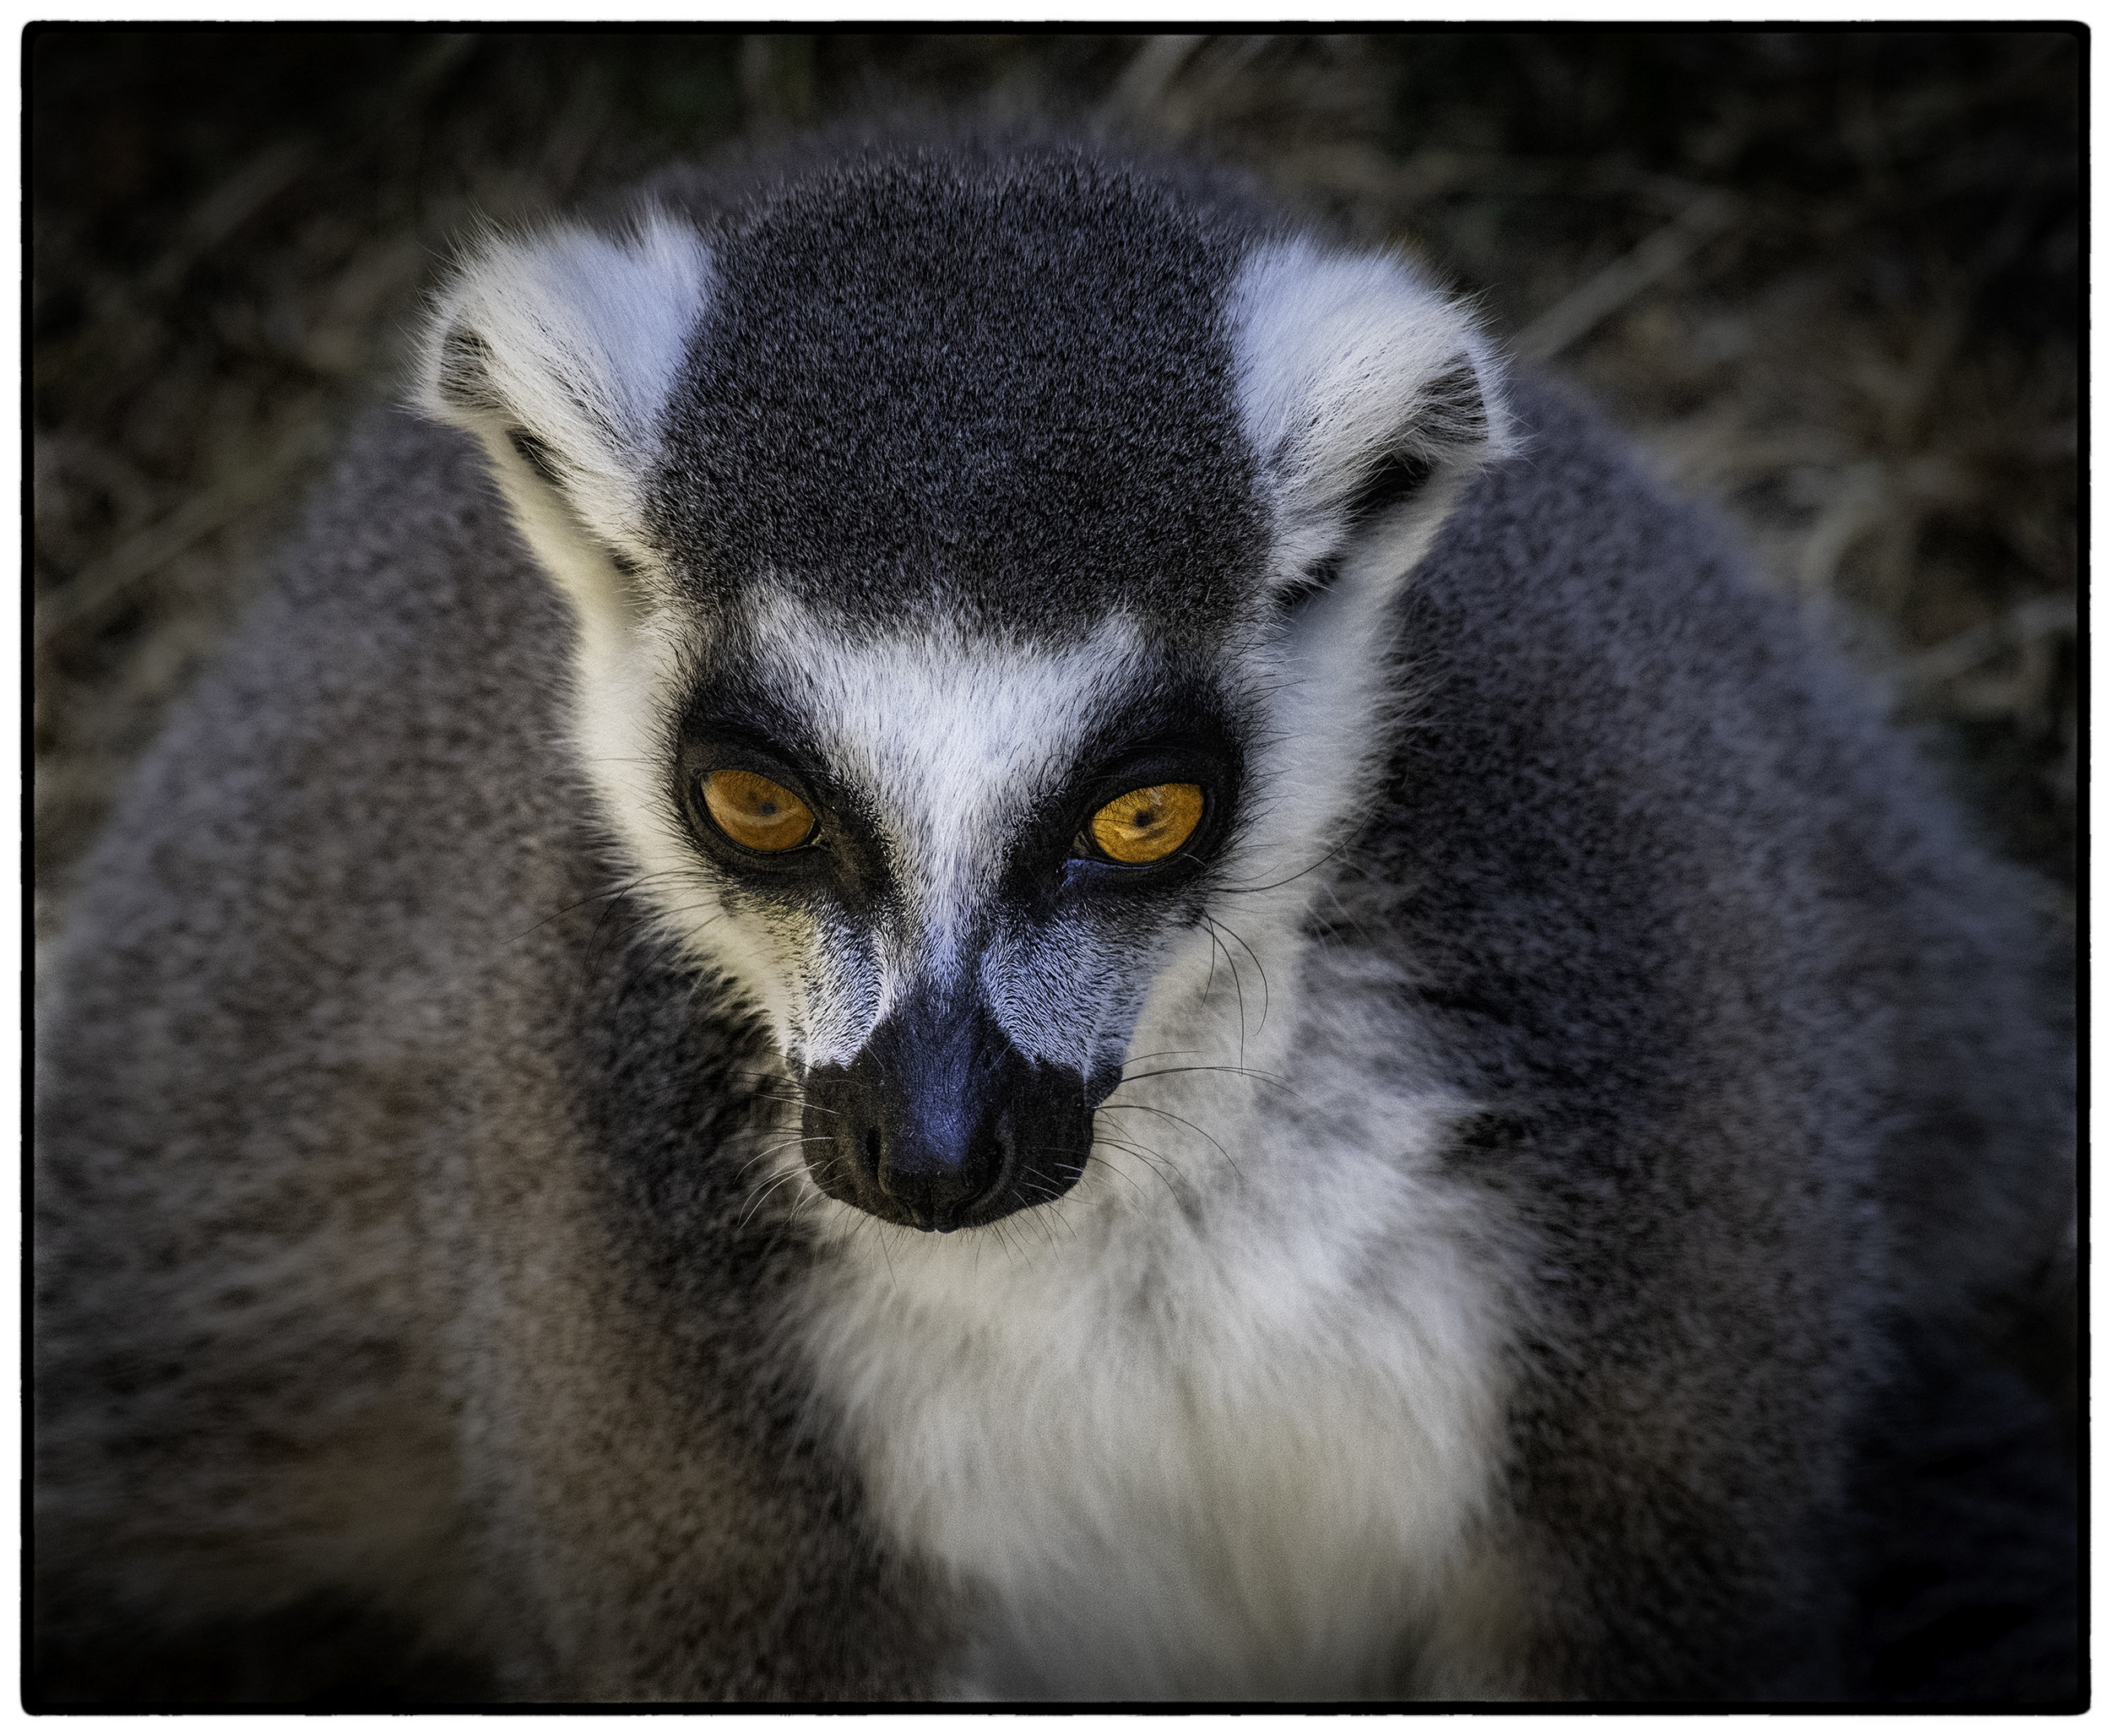 Lemur, Oakland, CA